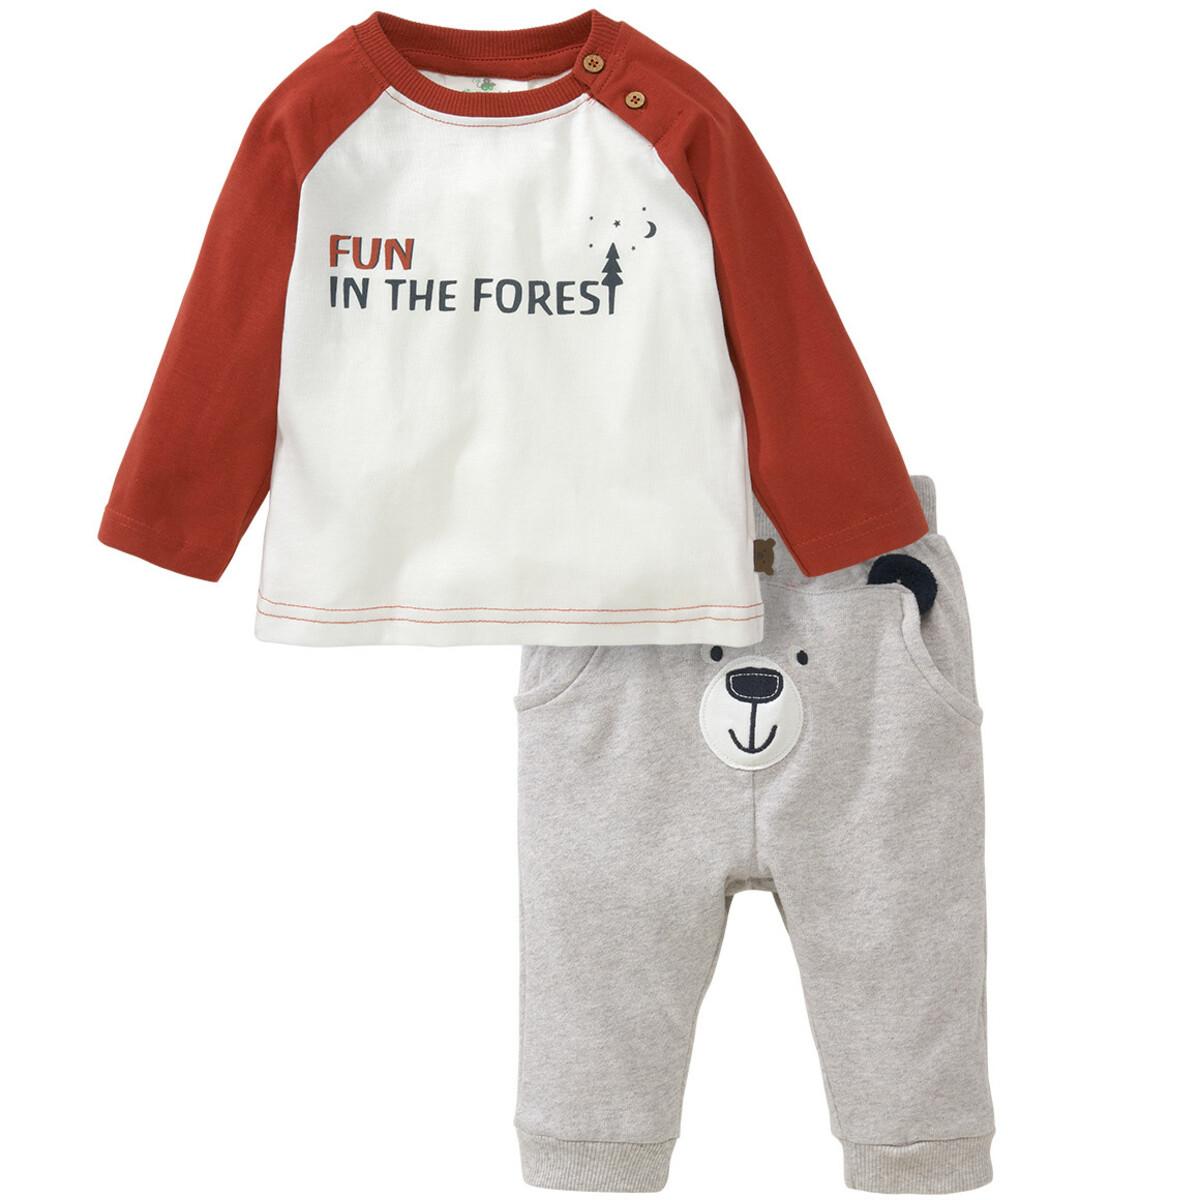 Bild 1 von Baby Langarmshirt und Jogginghose im Set